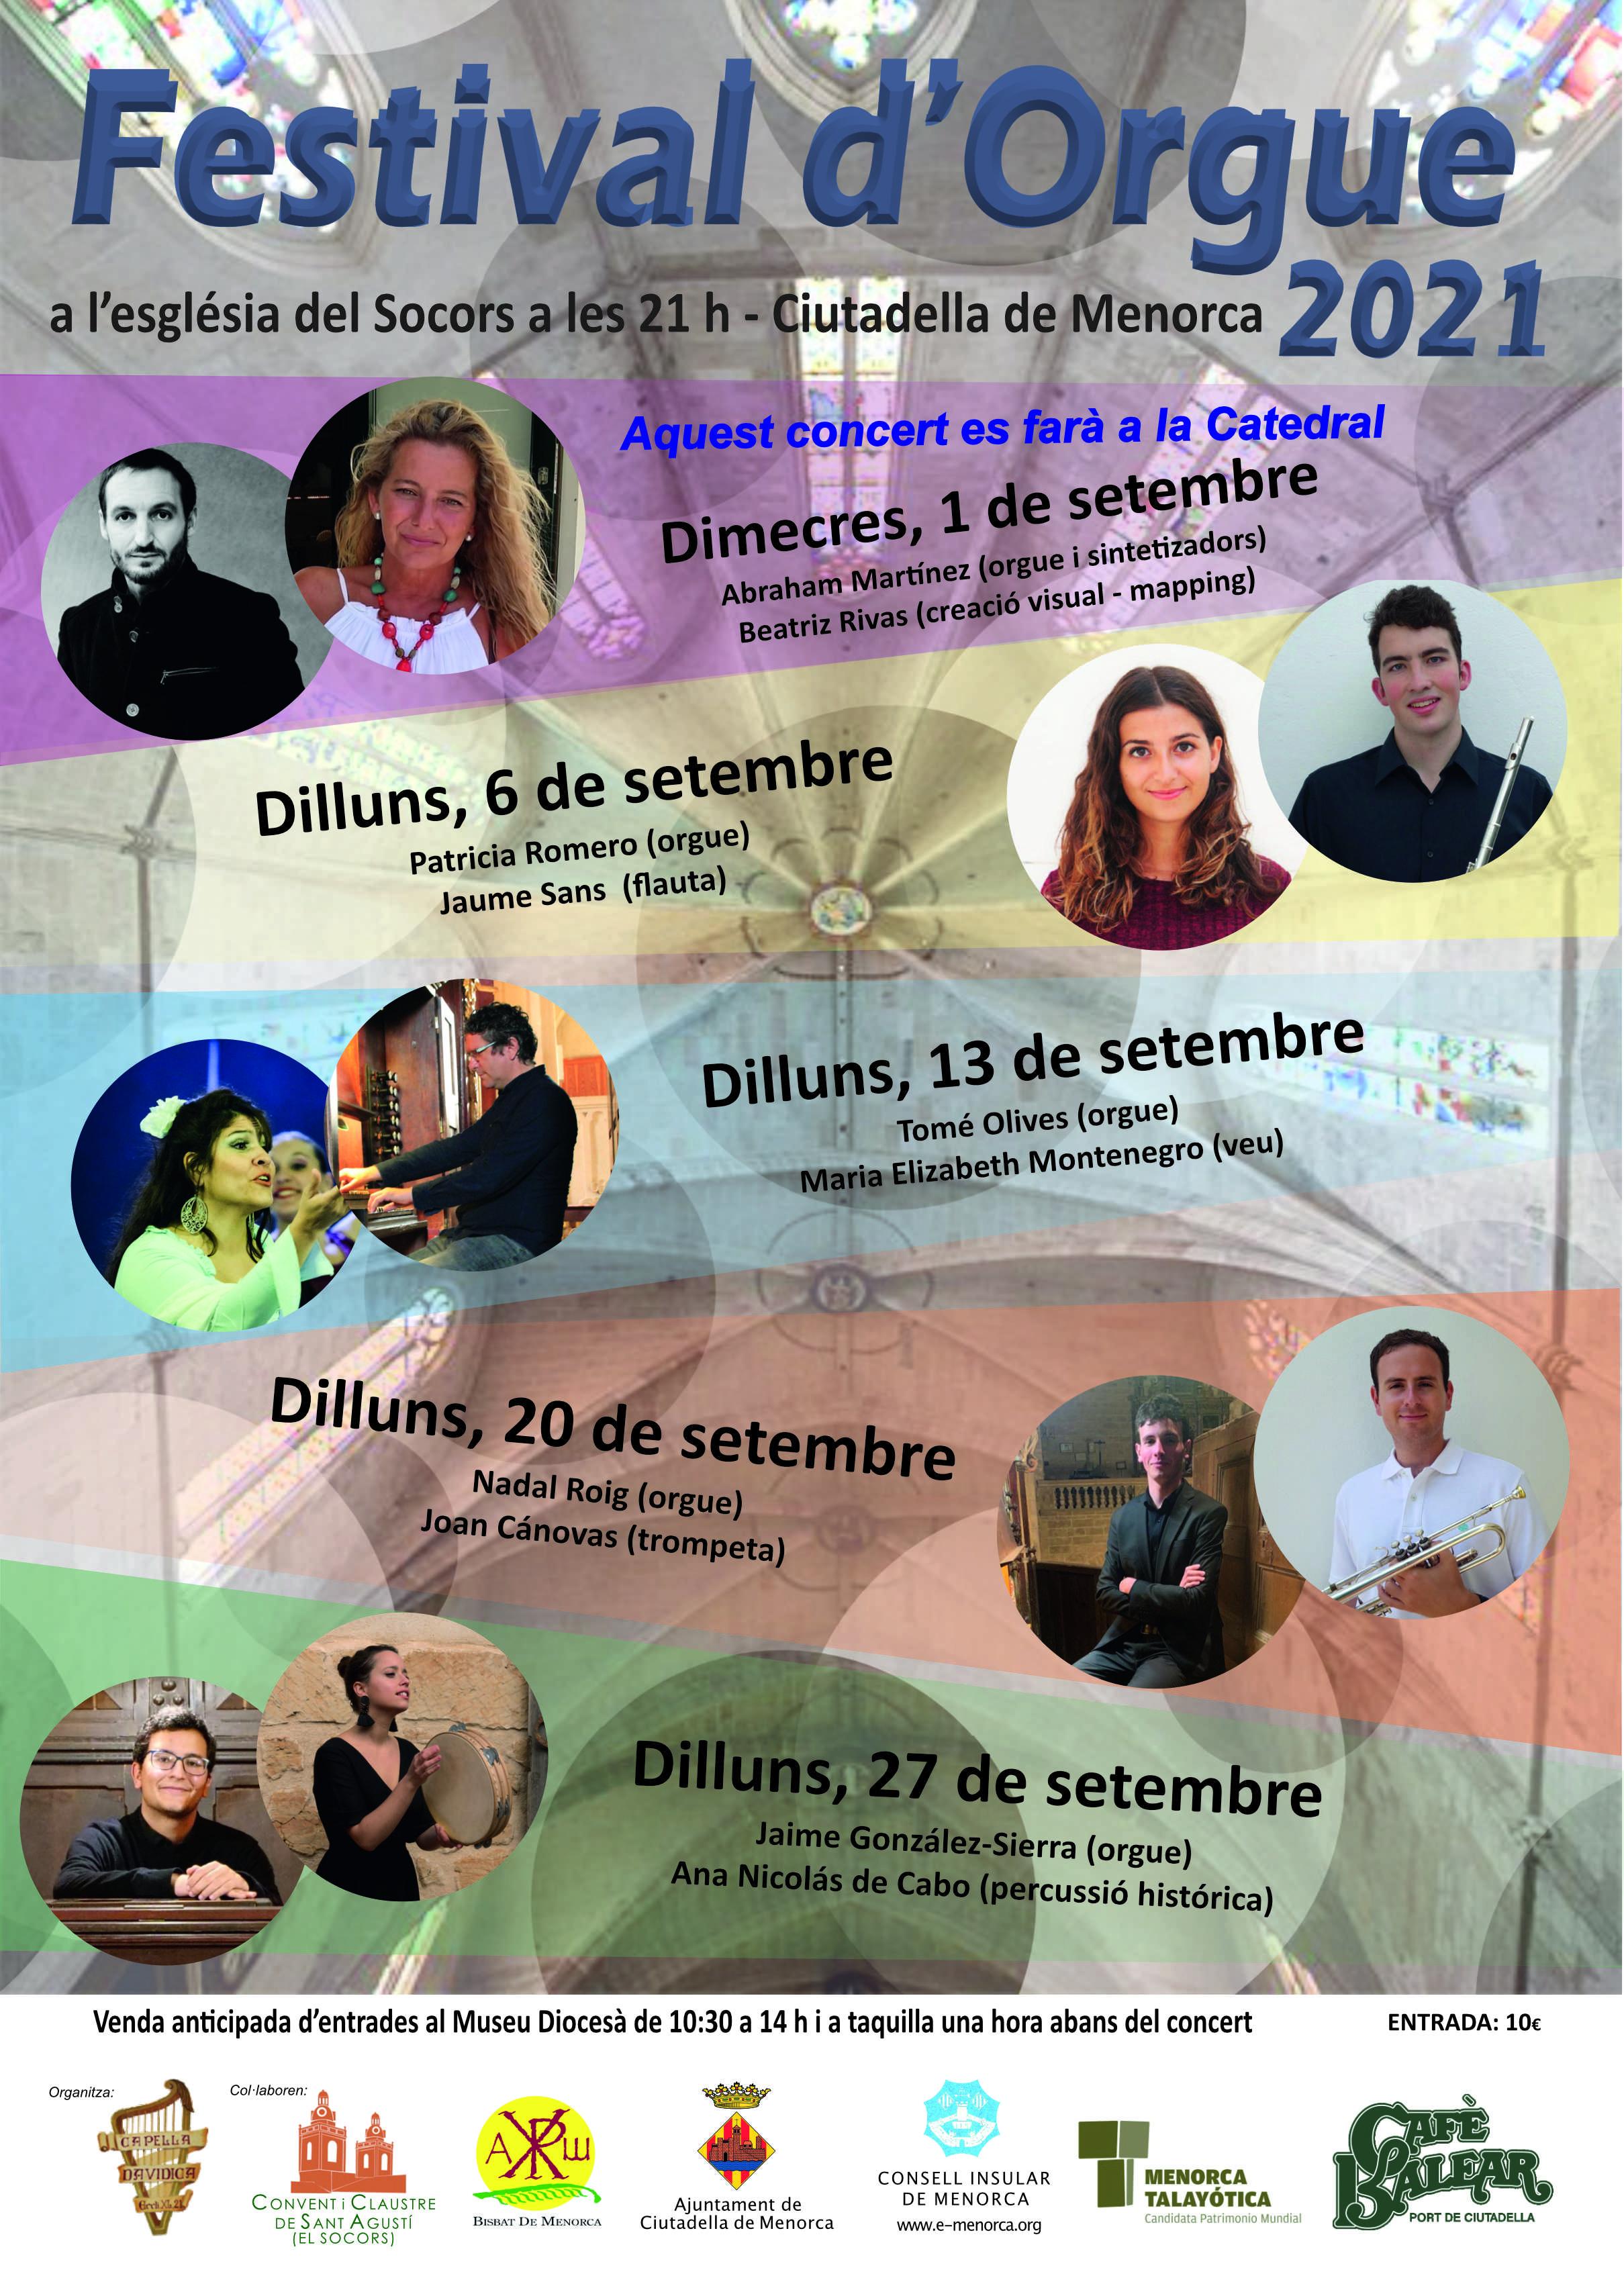 FESTIVAL D'ORGUE 2021 - CIUTADELLA